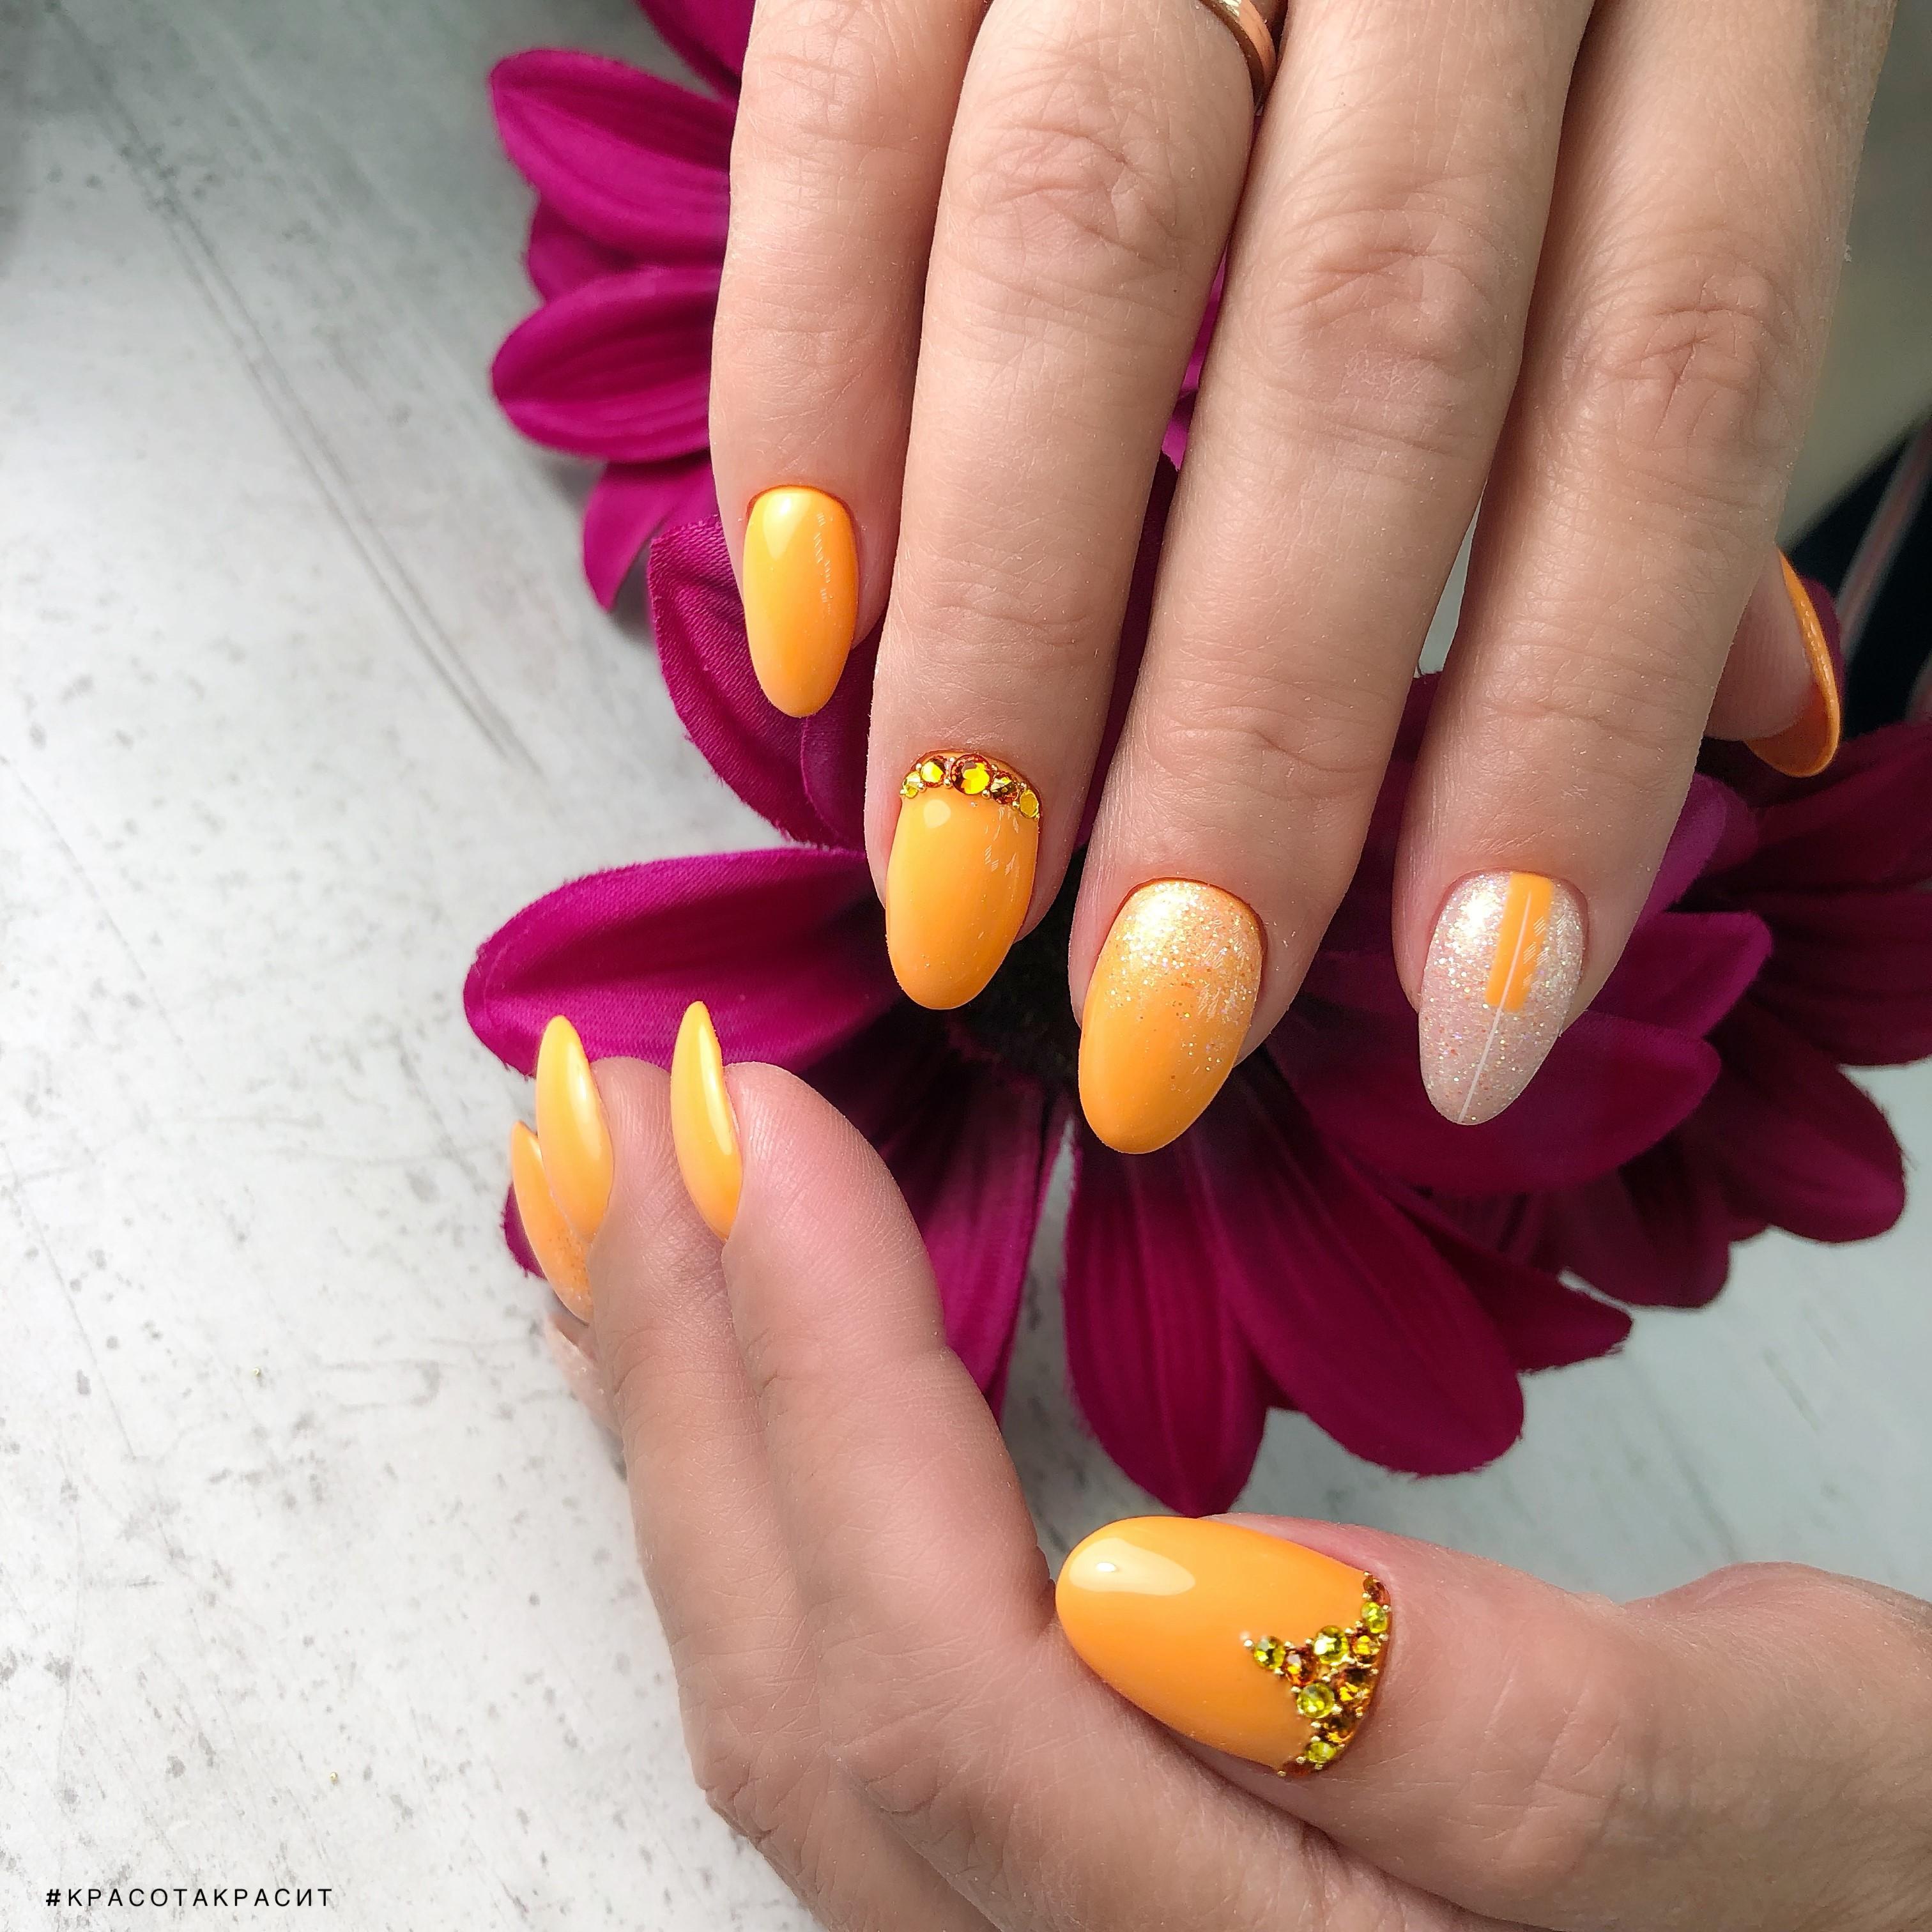 Маникюр с блестками и стразами в оранжевом цвете на короткие ногти.